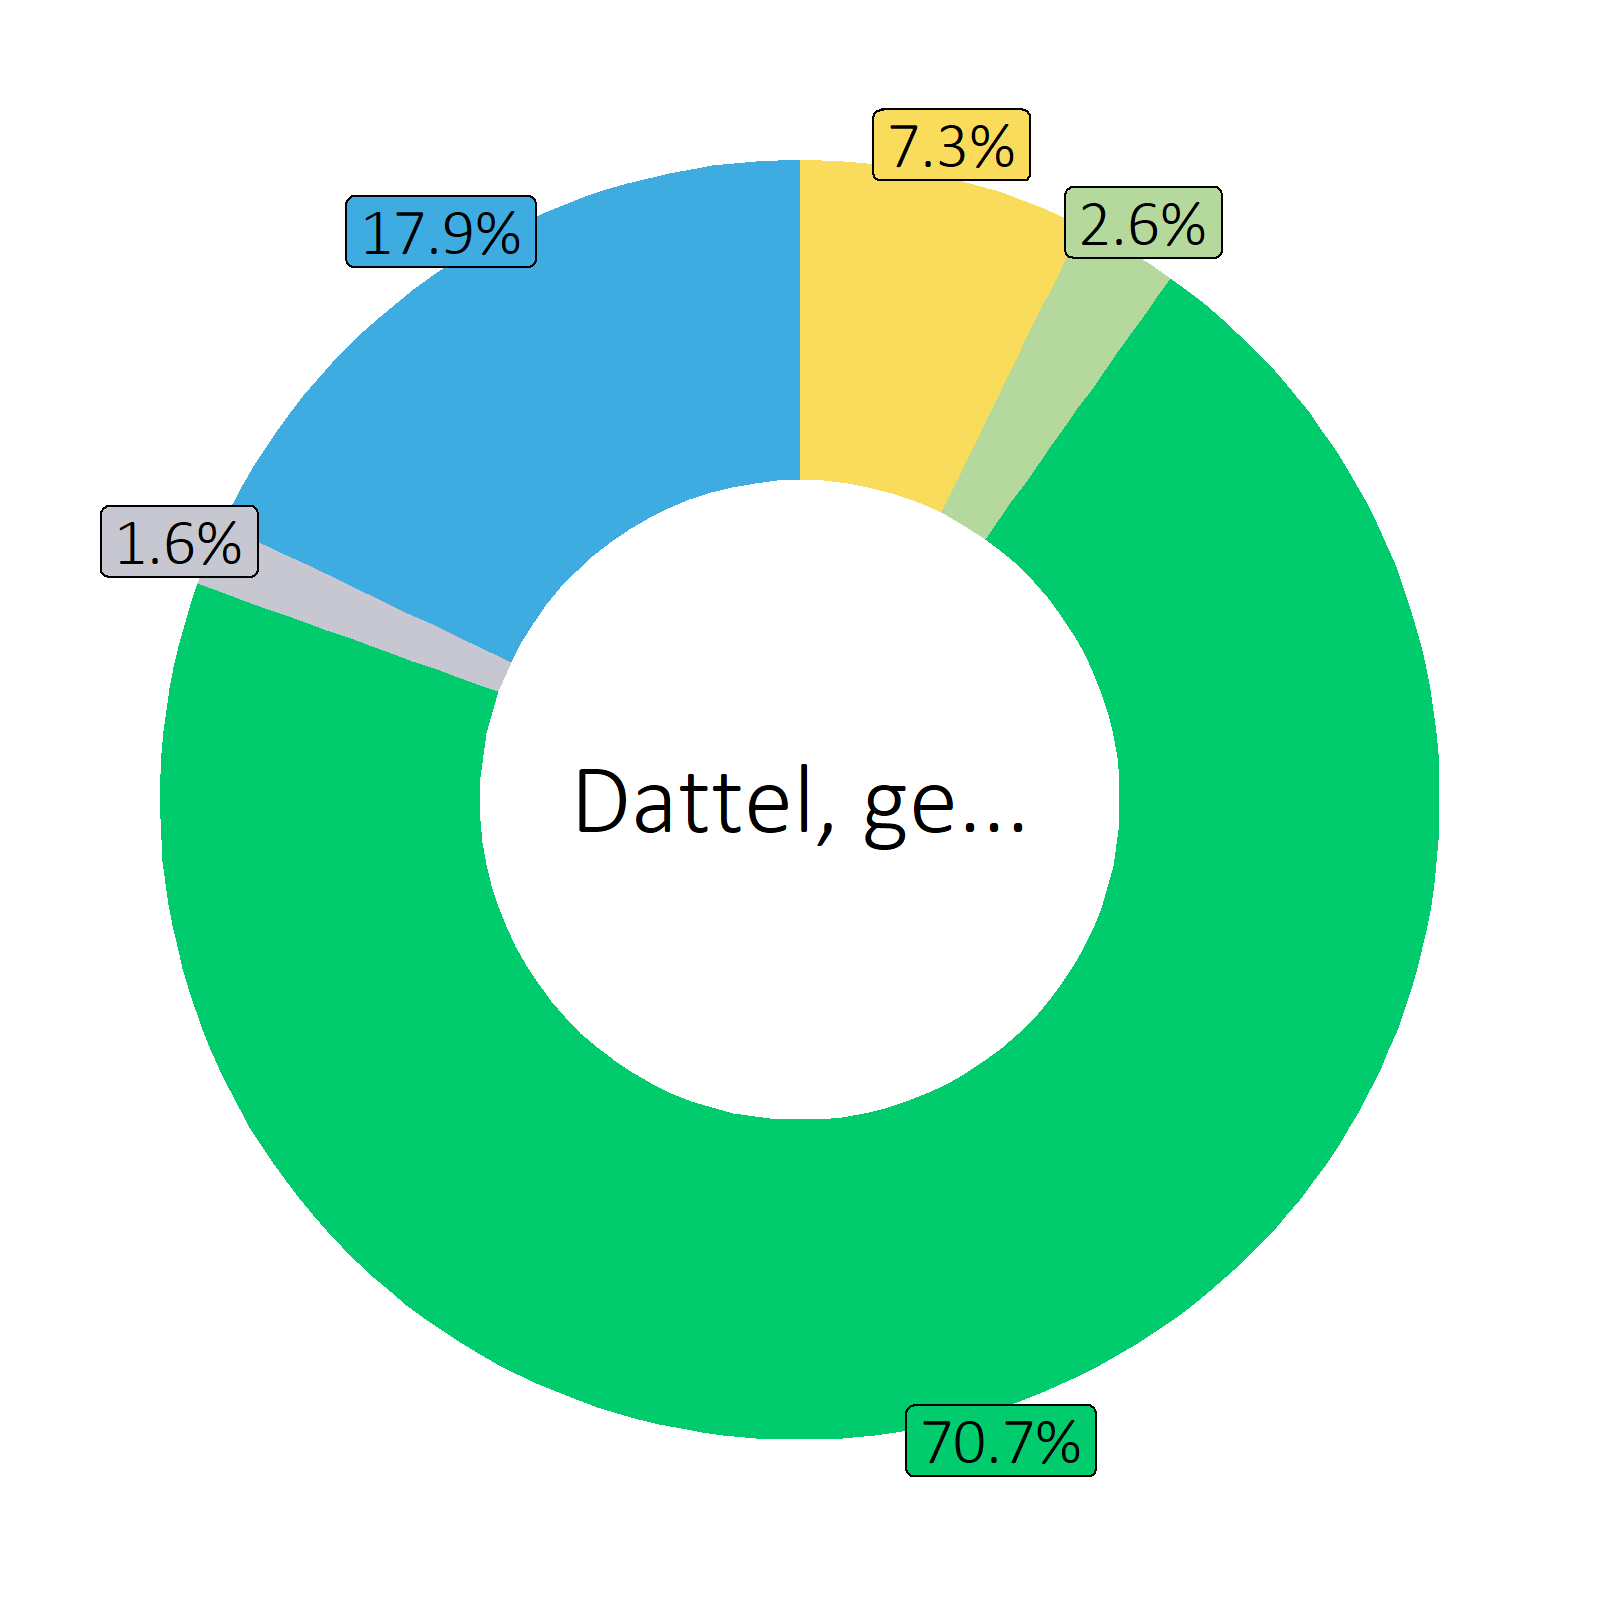 Bestandteile Dattel, getrocknet